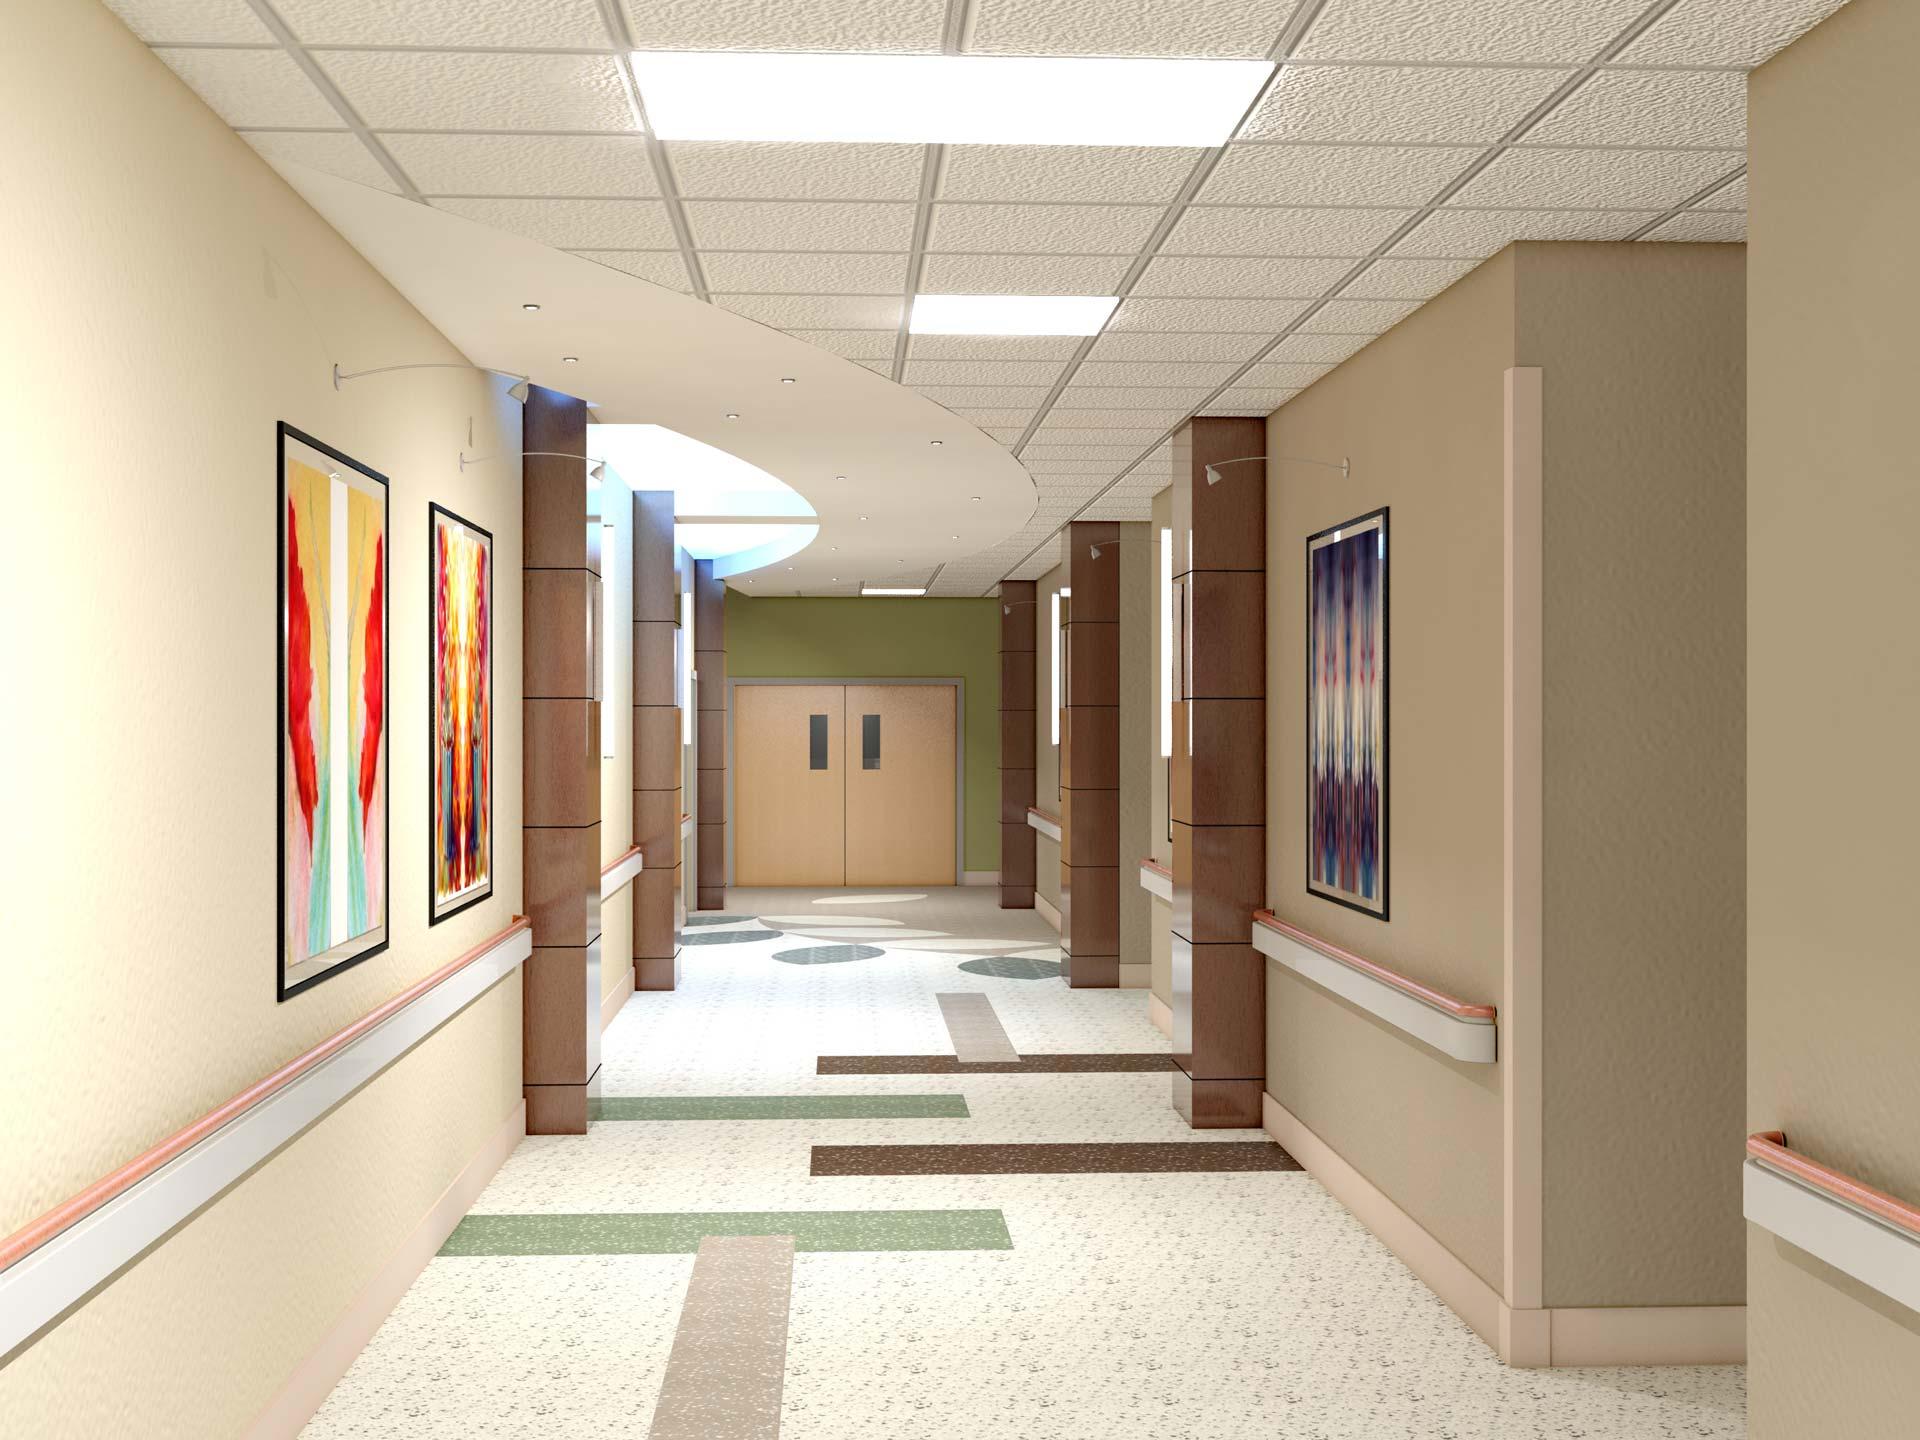 corridor_final_reduced